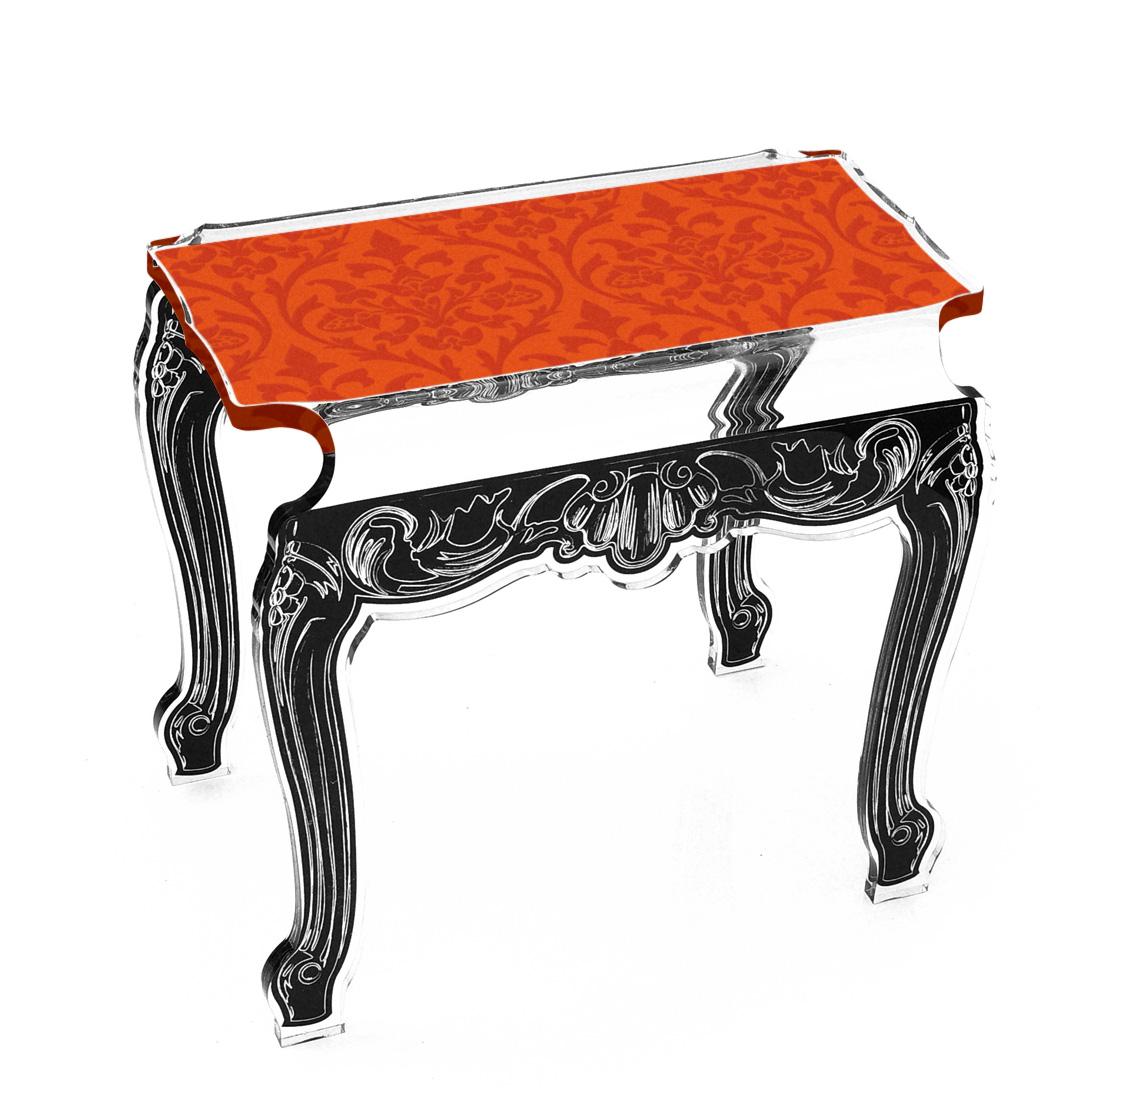 chevet baroque orange.jpg